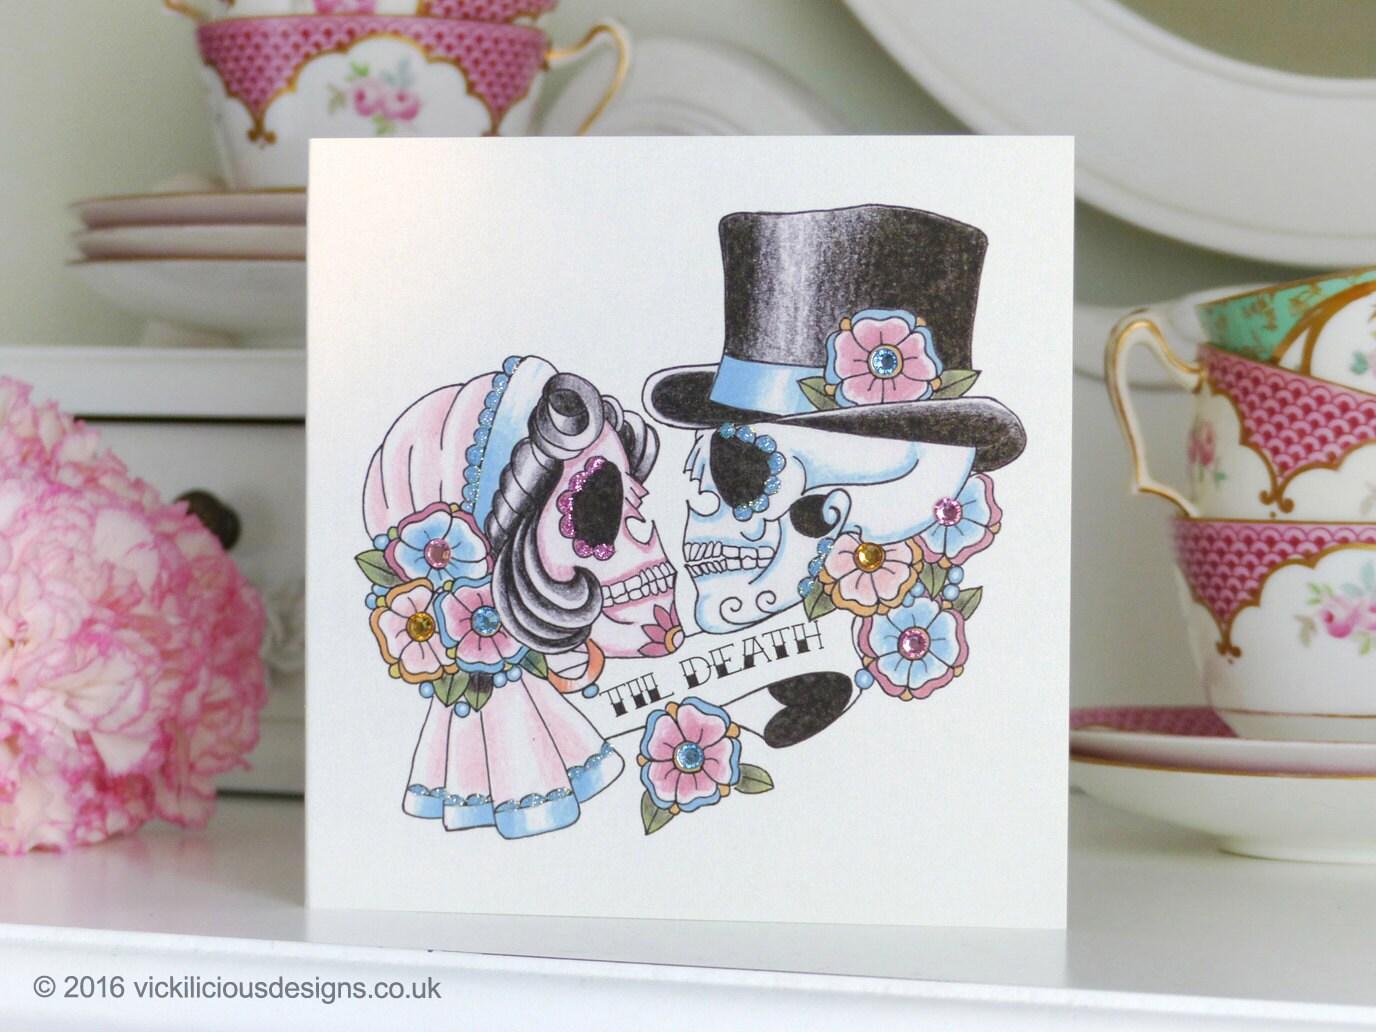 Til Death sugar skull bride & groom tattoo day of the dead